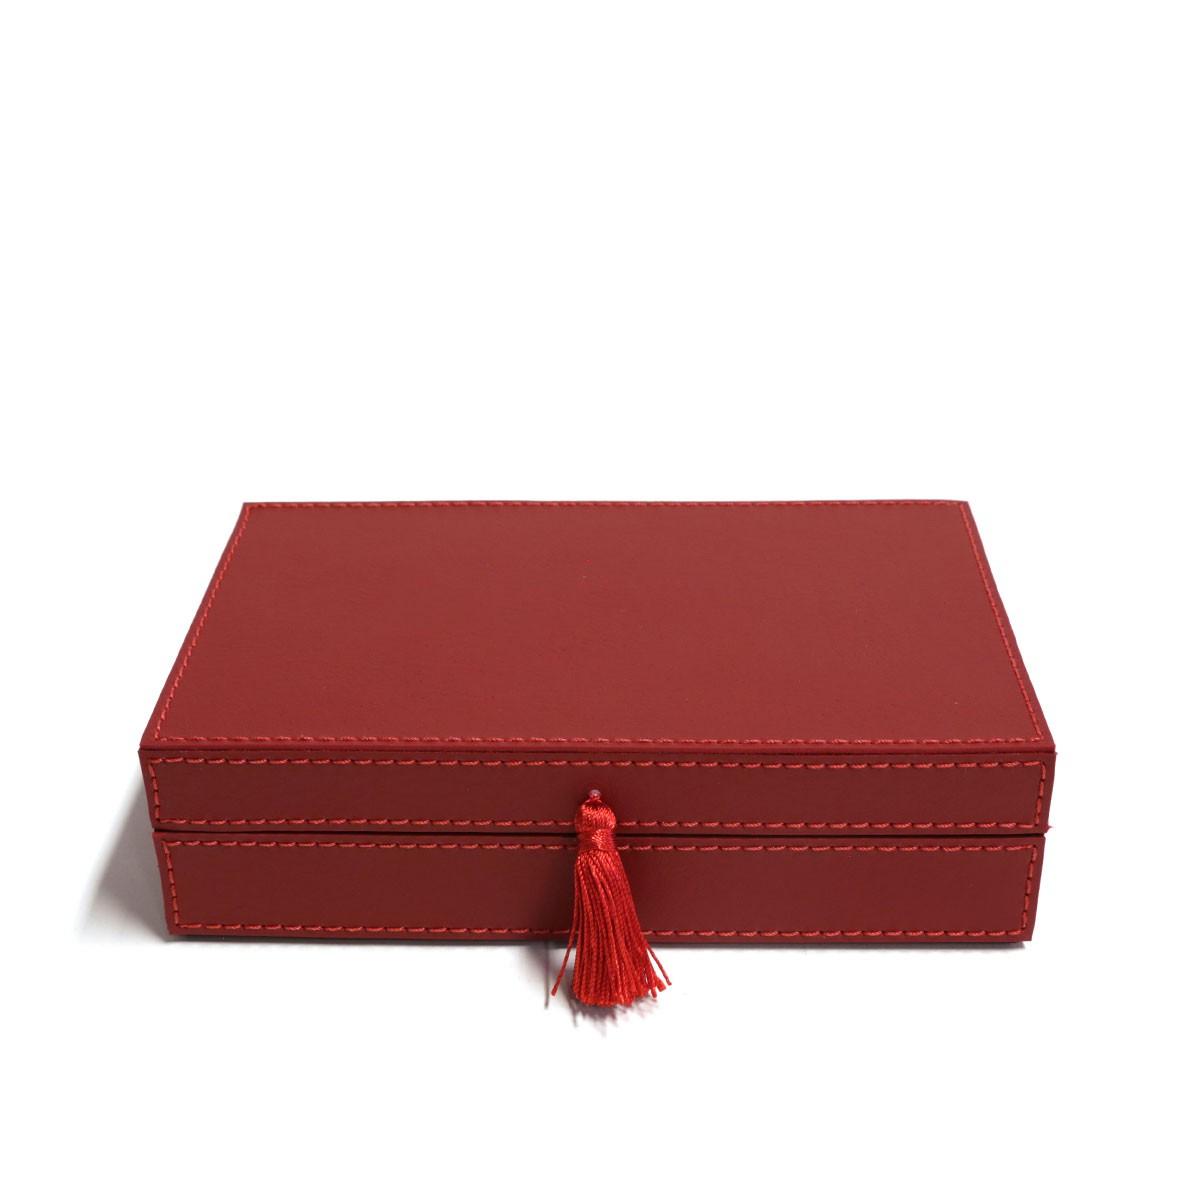 Caixa porta joias (Montana Vermelho)